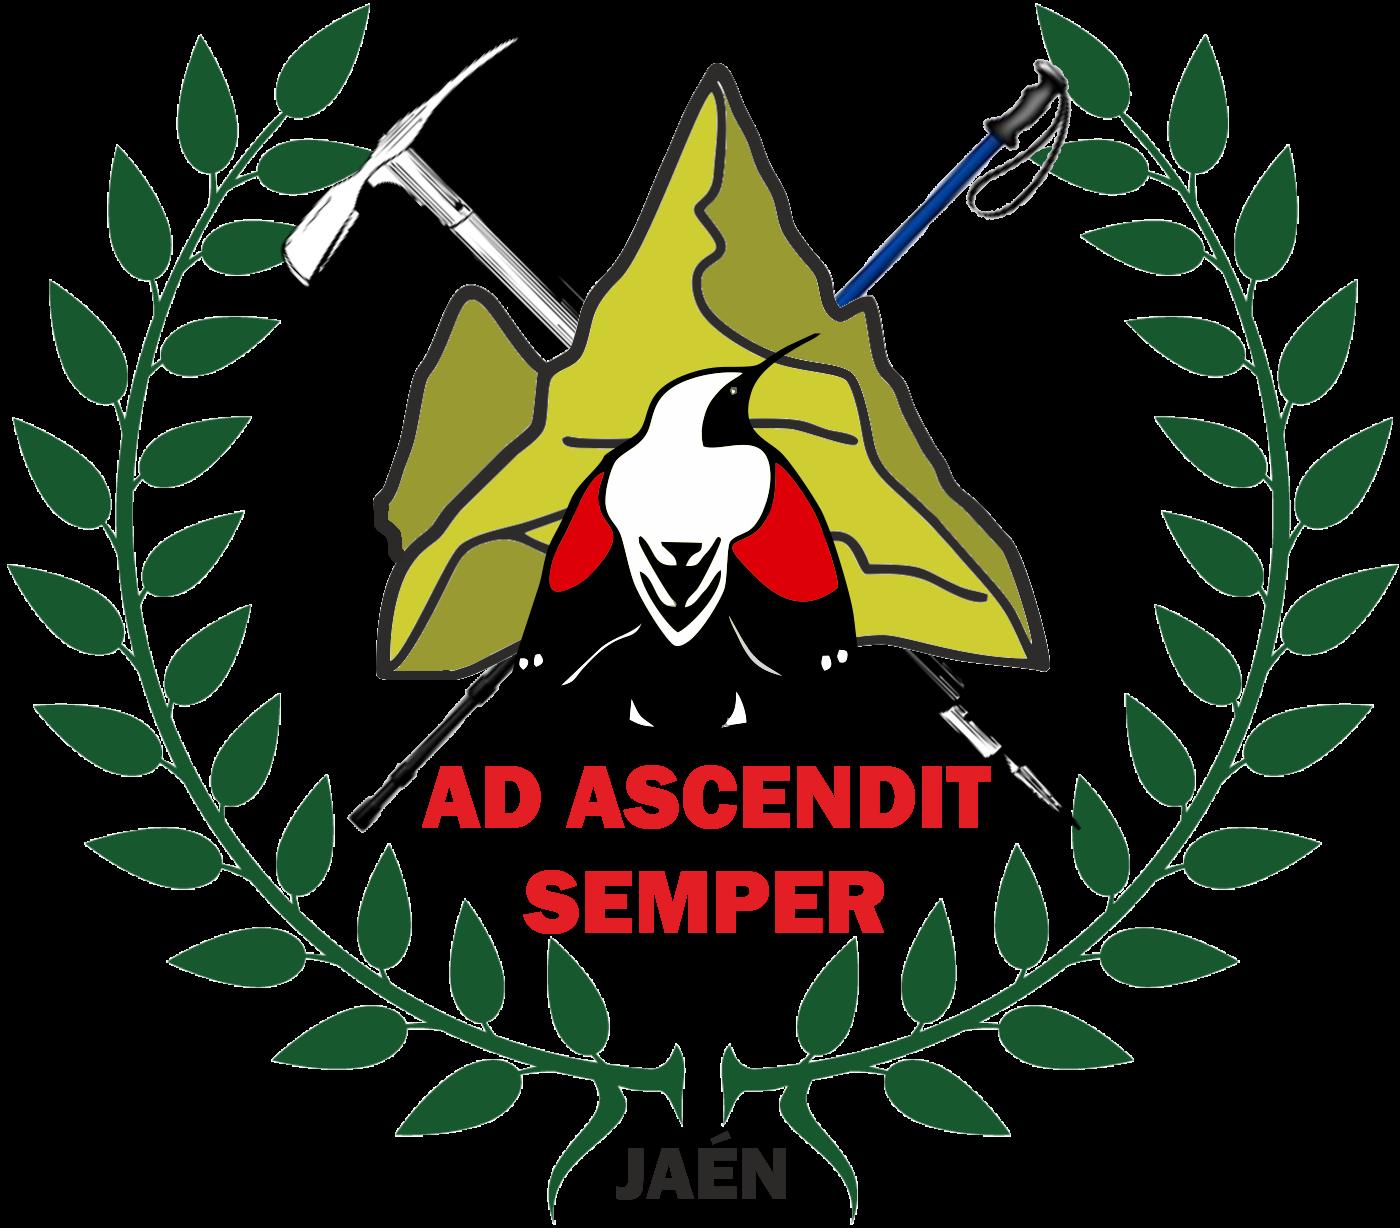 AD ASCENDIT SEMPER